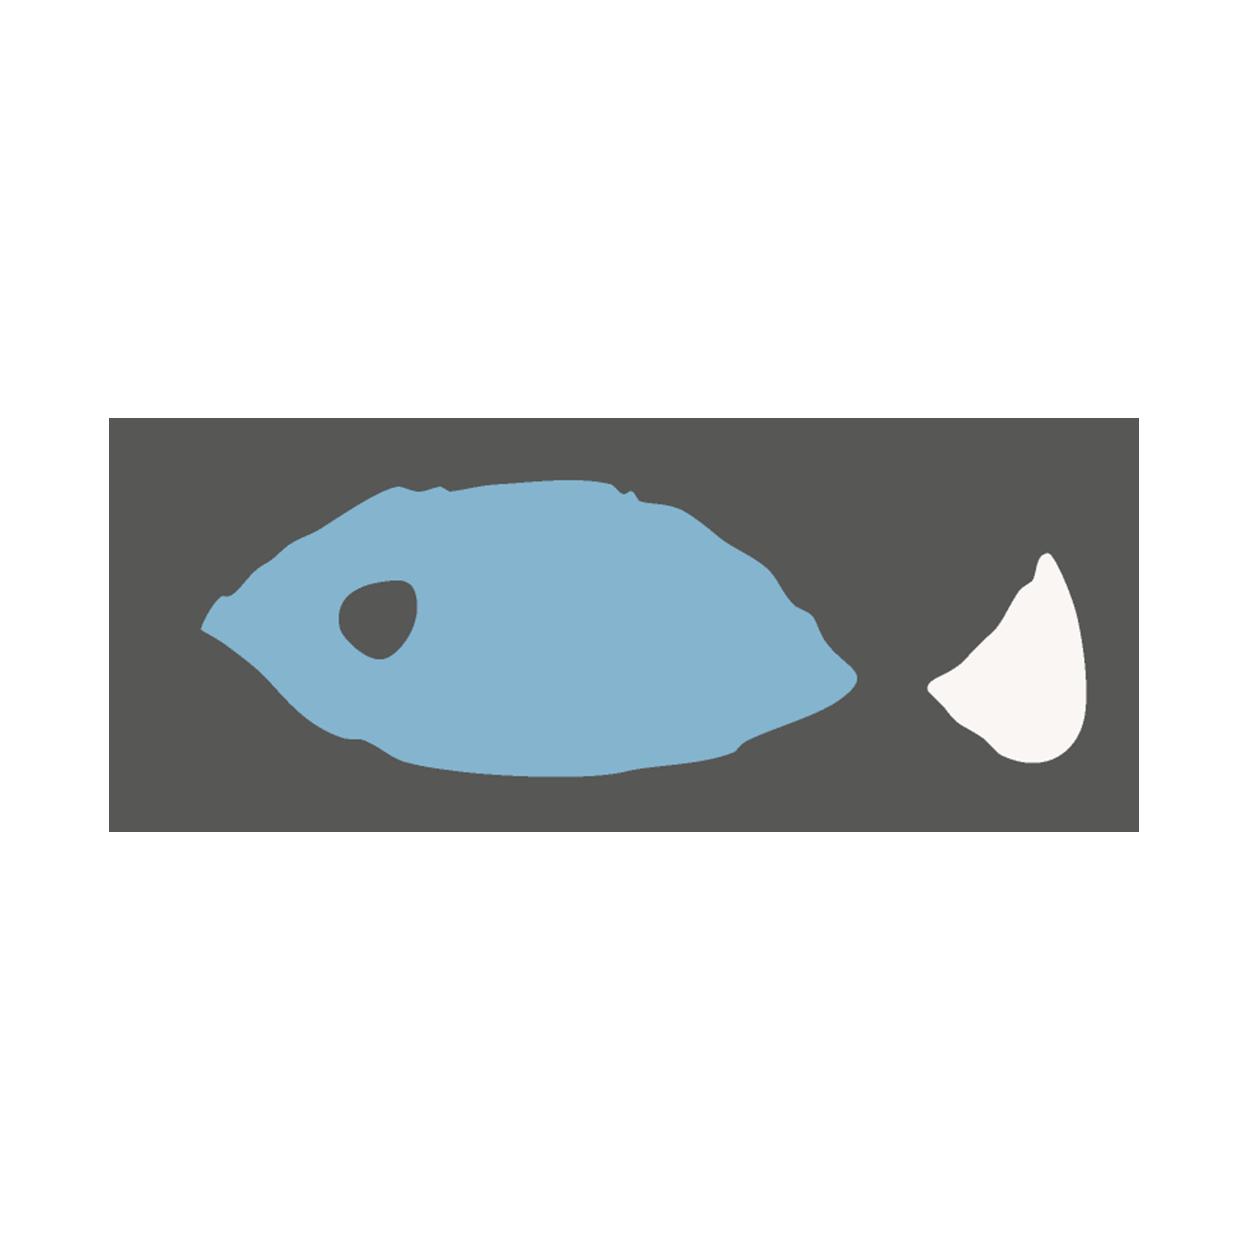 にぼし - 感謝の数値を可視化する「にぼしBOT 」。今はまだ感謝の数値を渡し合うだけの機能ですが、今後にぼしの使い方を、Developersjp の中で一緒に考えていきたと考えてます。